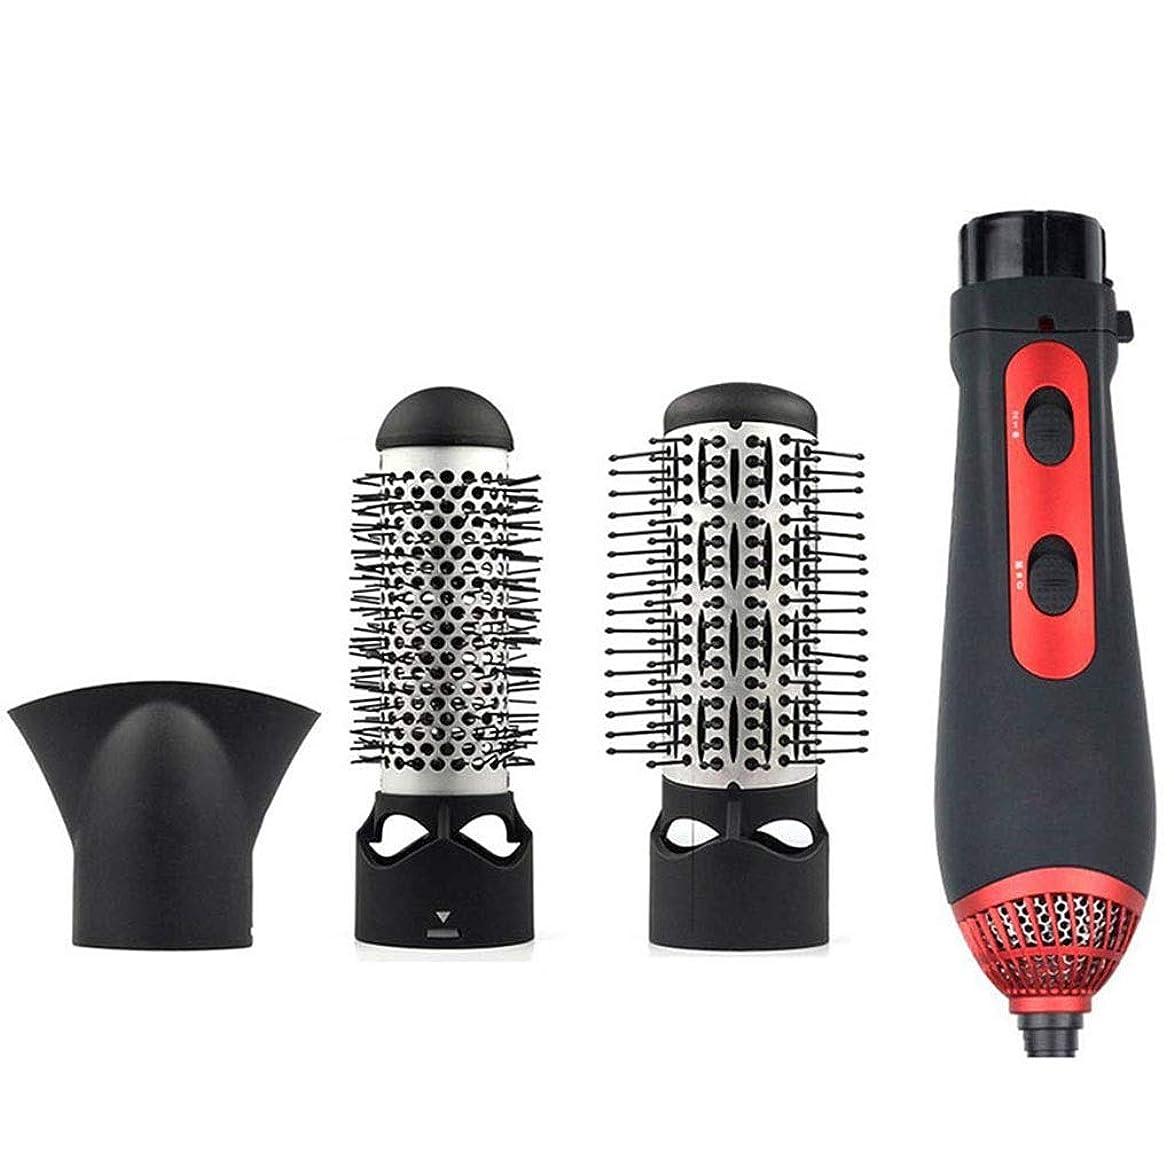 材料エミュレーションしっかり1つに付き3つの熱気のスタイリングのブラシ、ヘアドライヤーのブラシスタイリングのブラシのヘアードライヤーの櫛セット巻き毛のまっすぐな打撃の乾いた髪の長い髪のスタイルのために調整可能な多機能ホットとコールド